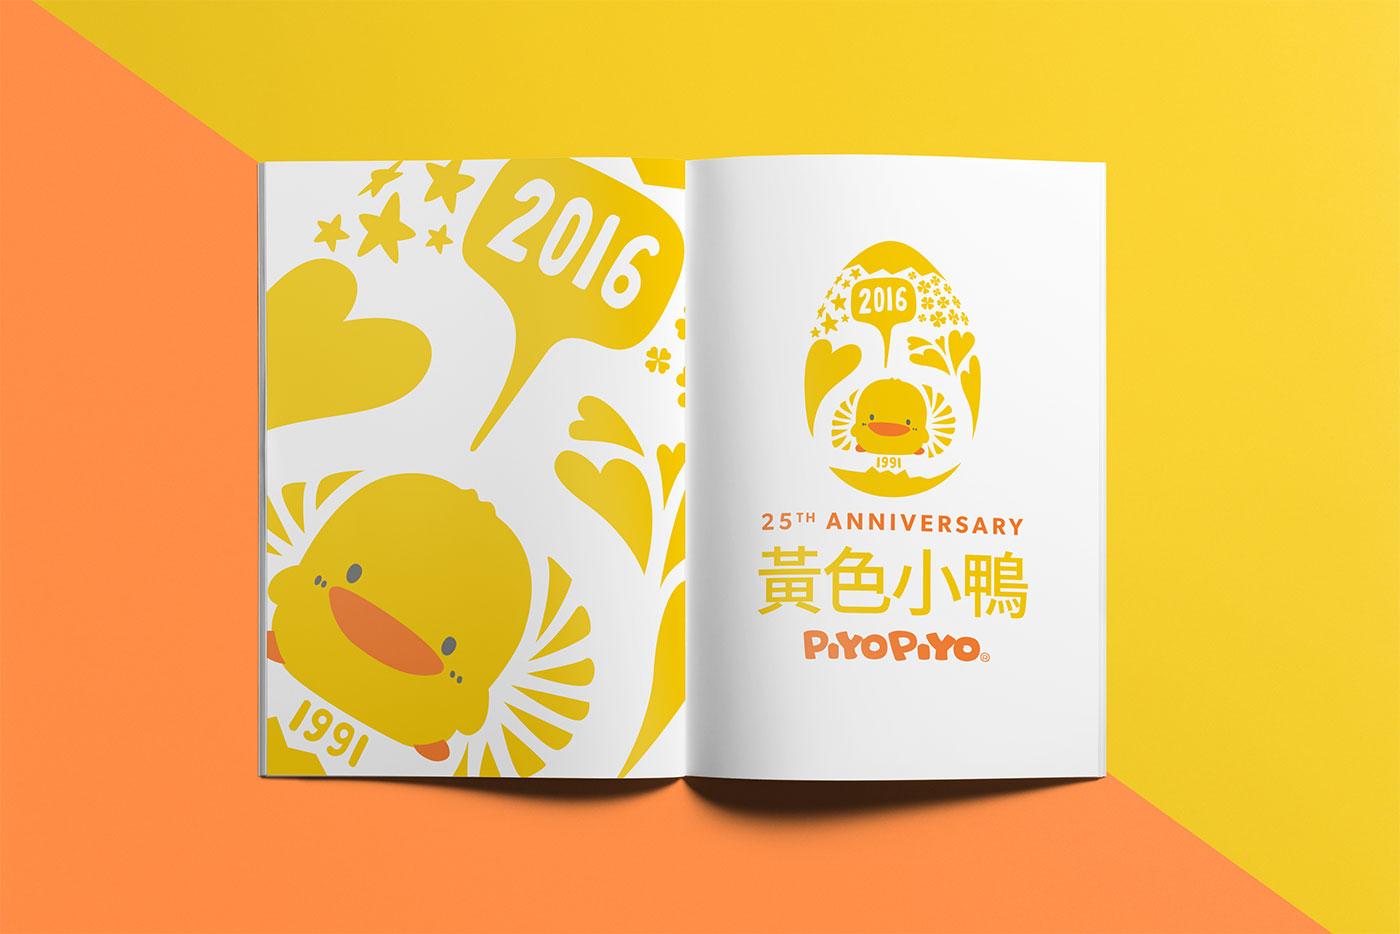 Outfit Branding & Design Piyo Piyo Logo Catalog